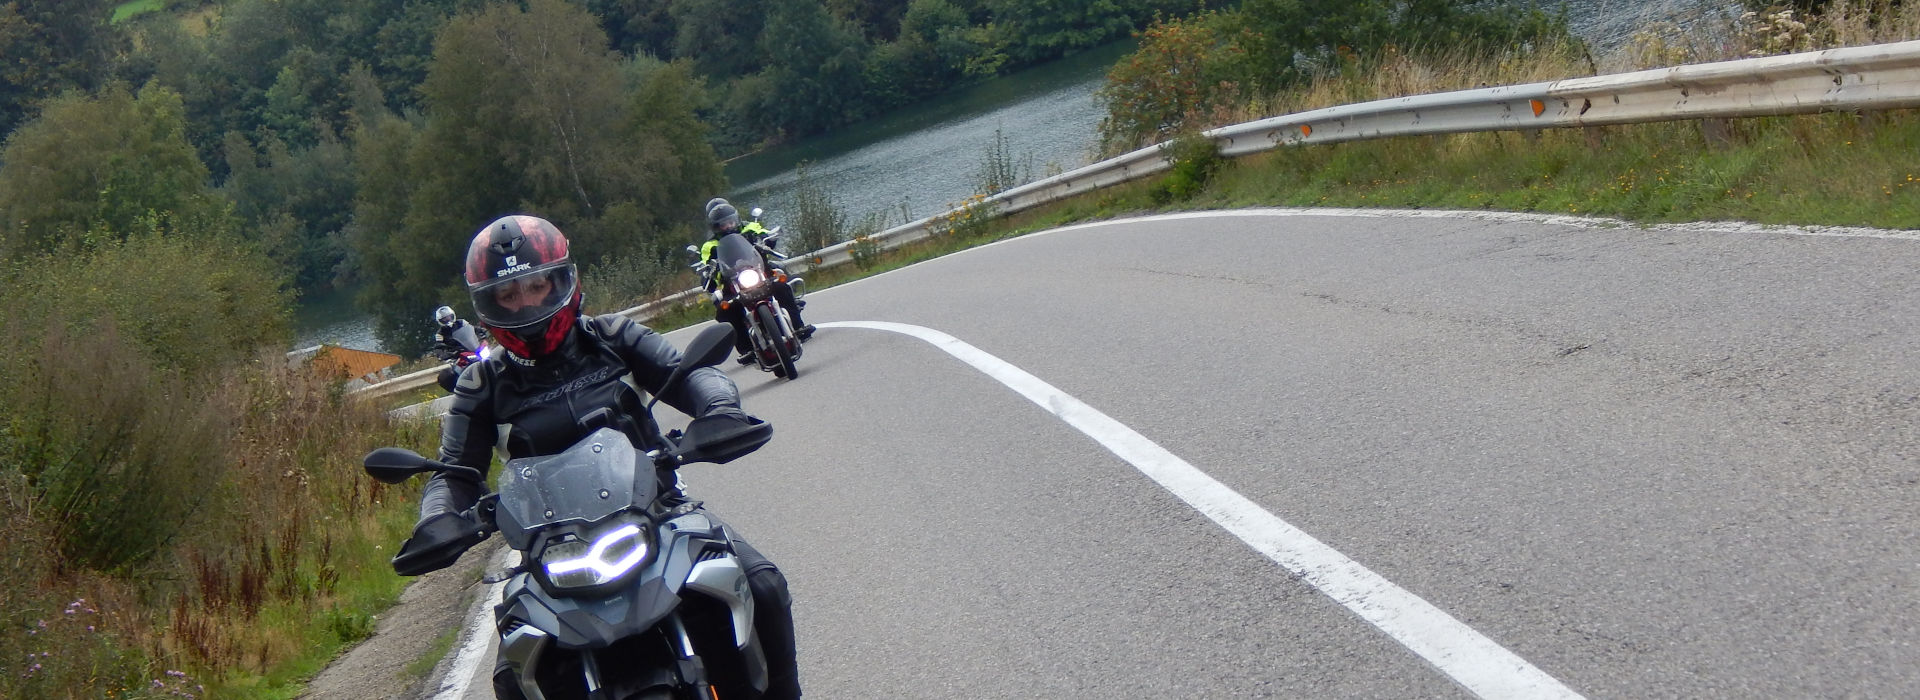 Motorrijbewijspoint Wijk bij Duurstede spoed motorrijbewijs